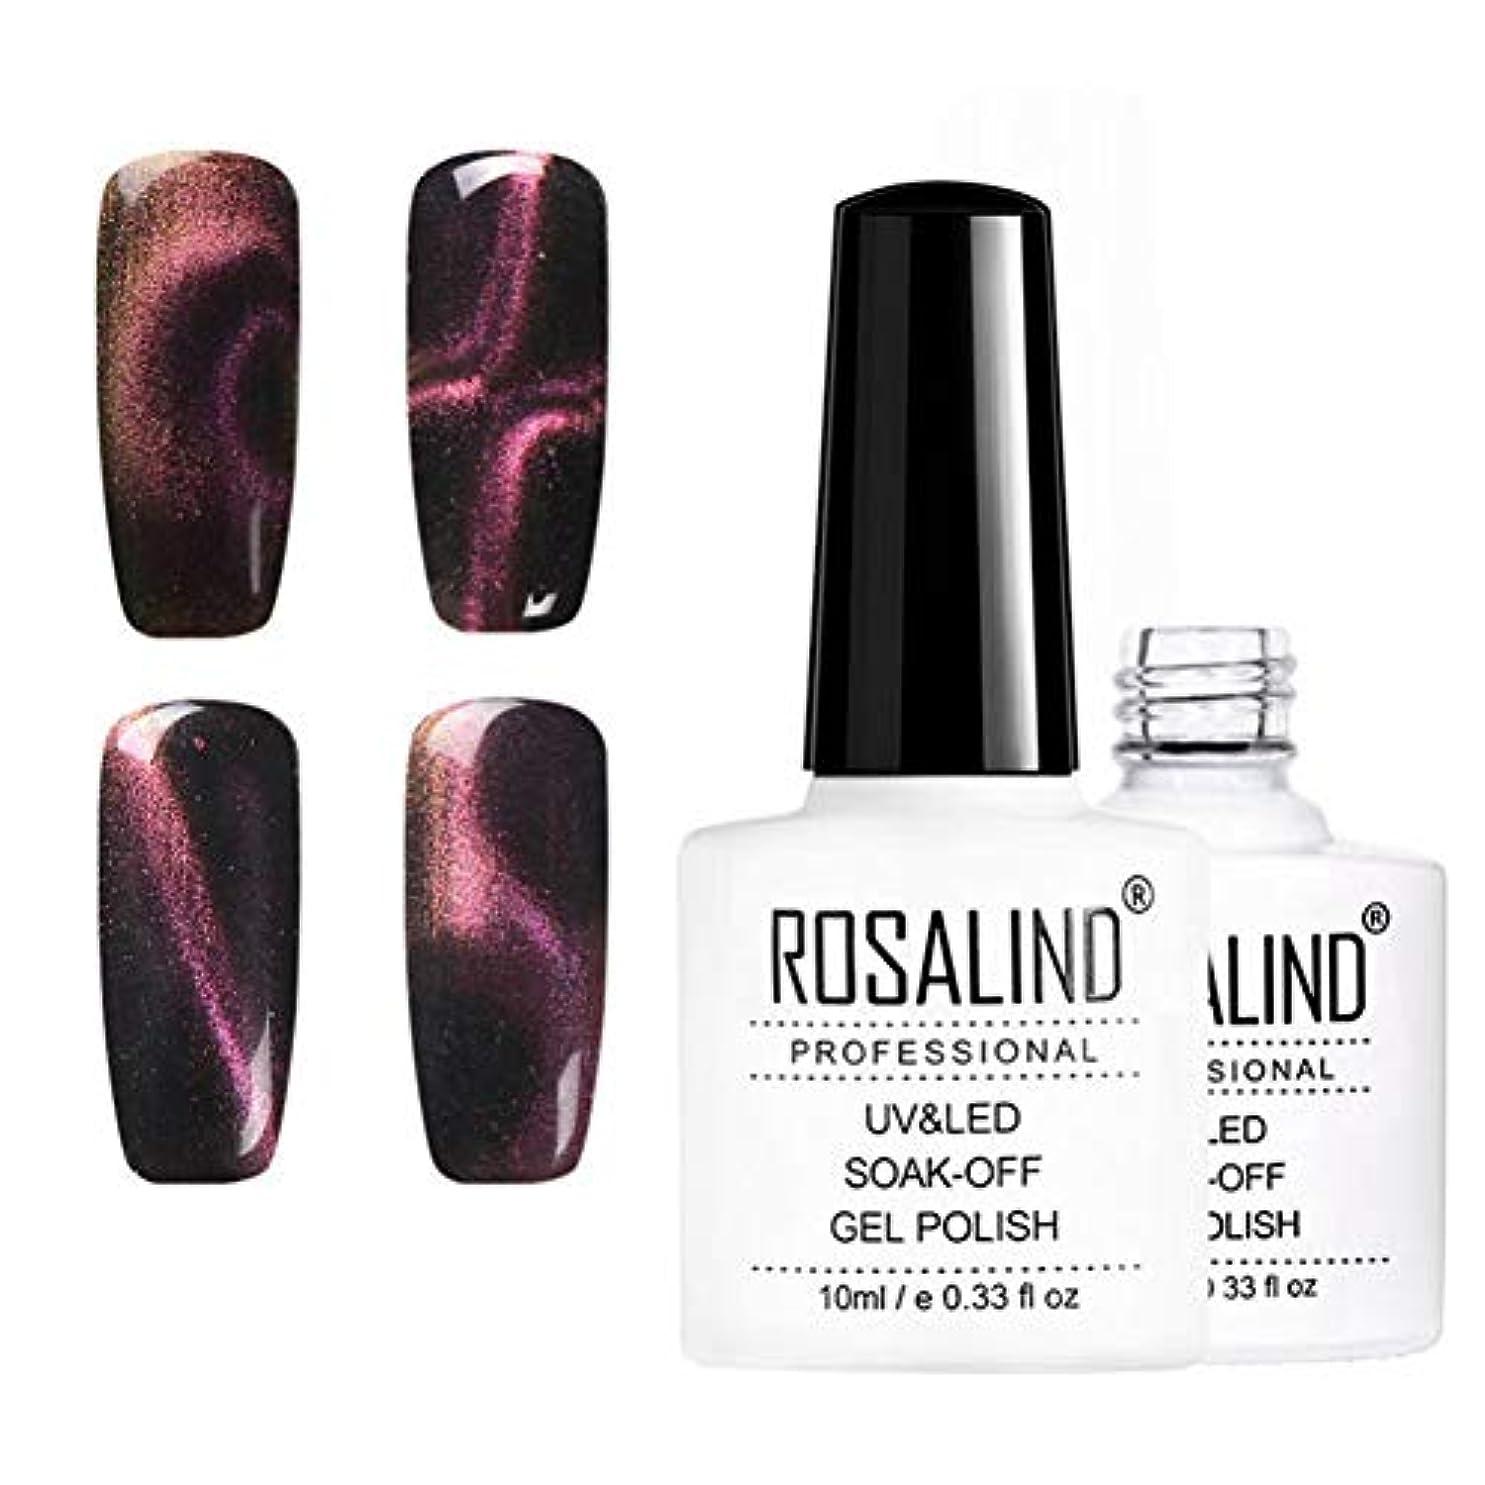 祖母新年福祉10mlキャットアイネイルニス、UV LEDネイルニス、6色、華麗で華麗な爪 (6pcs)